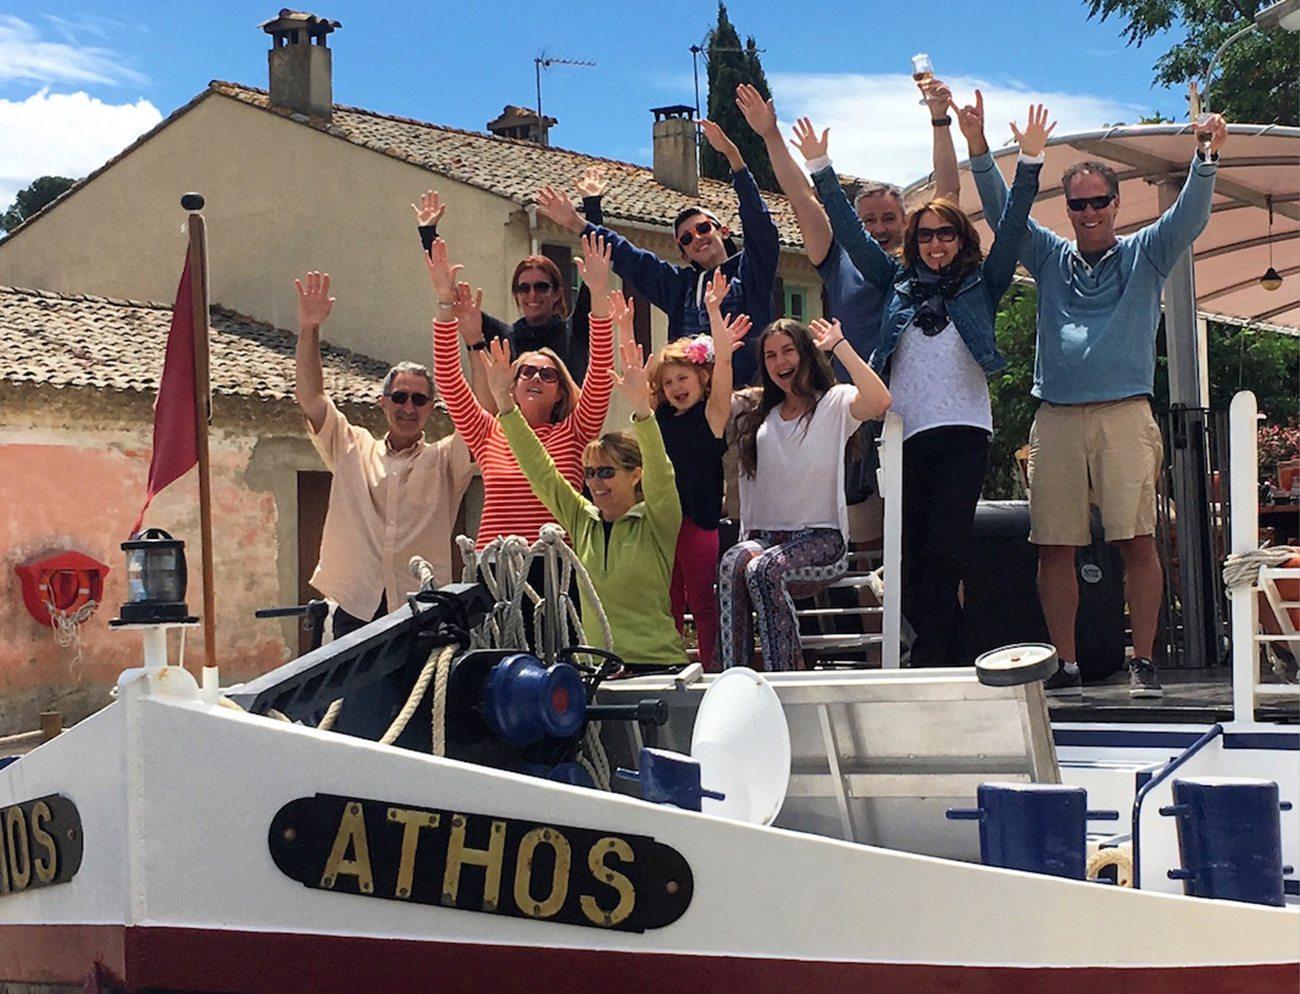 barge-cruise-europe-athos-du-midi